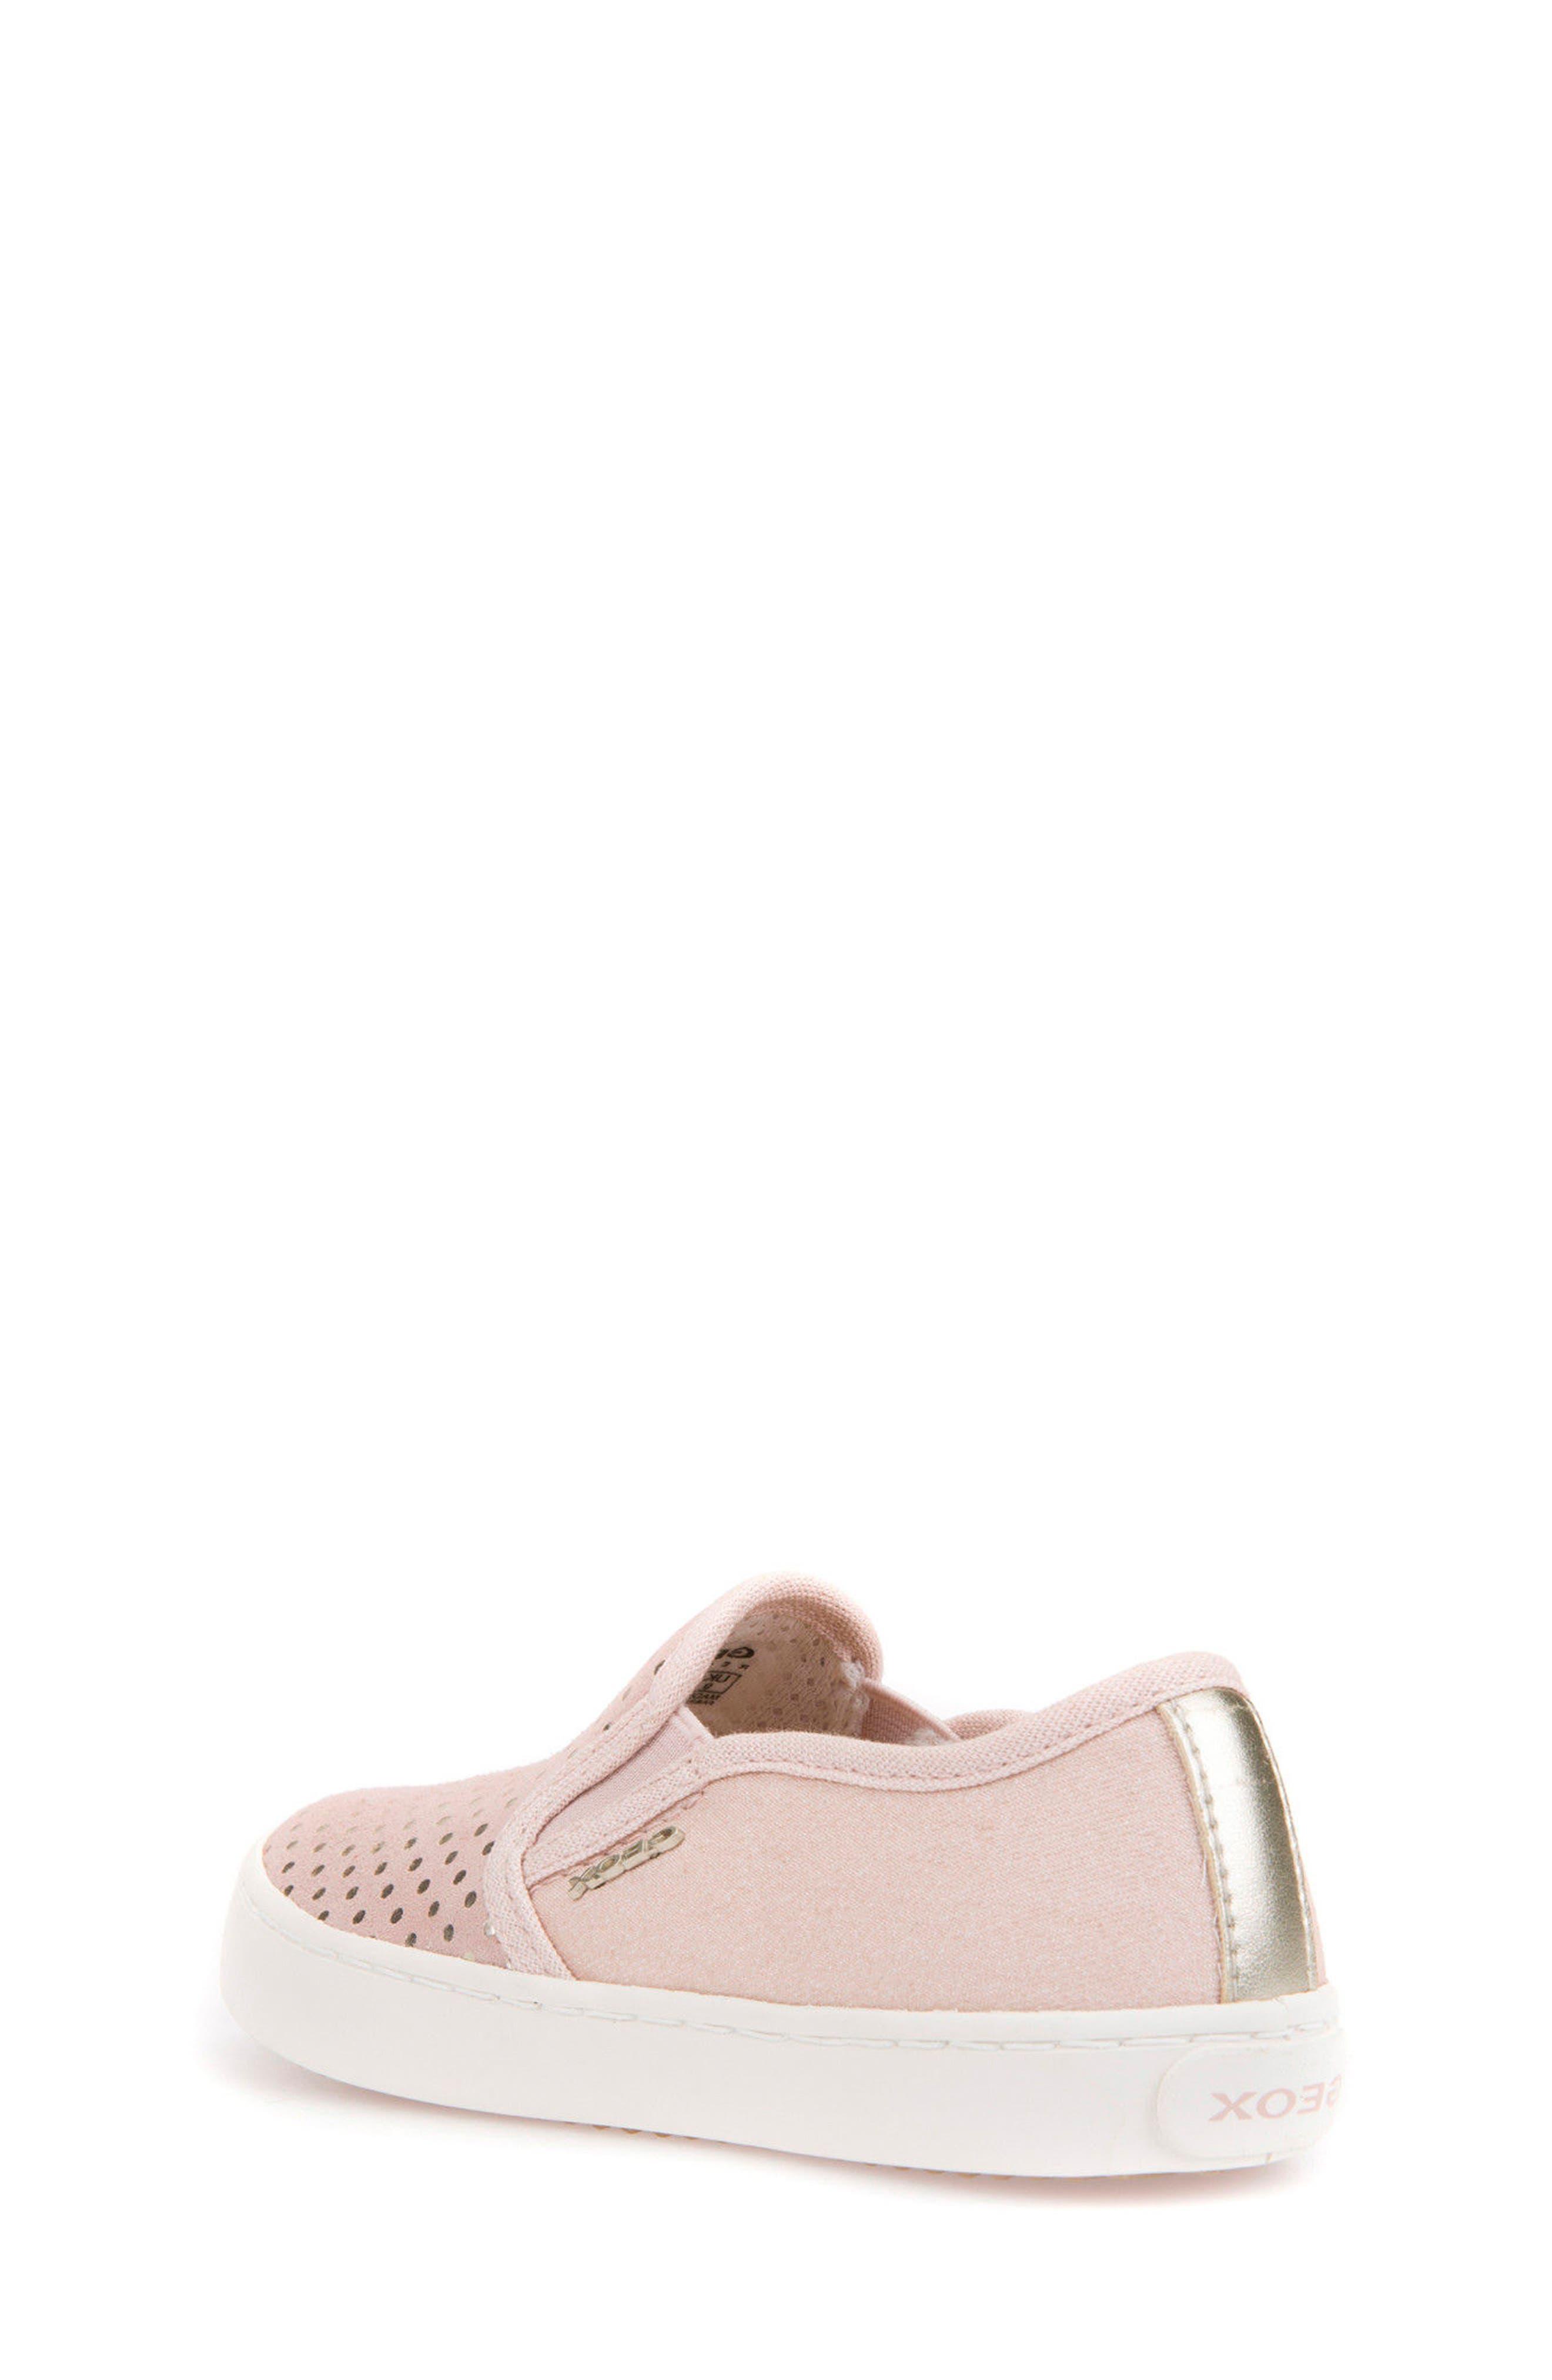 Kilwi Slip-On Sneaker,                             Alternate thumbnail 2, color,                             Skin